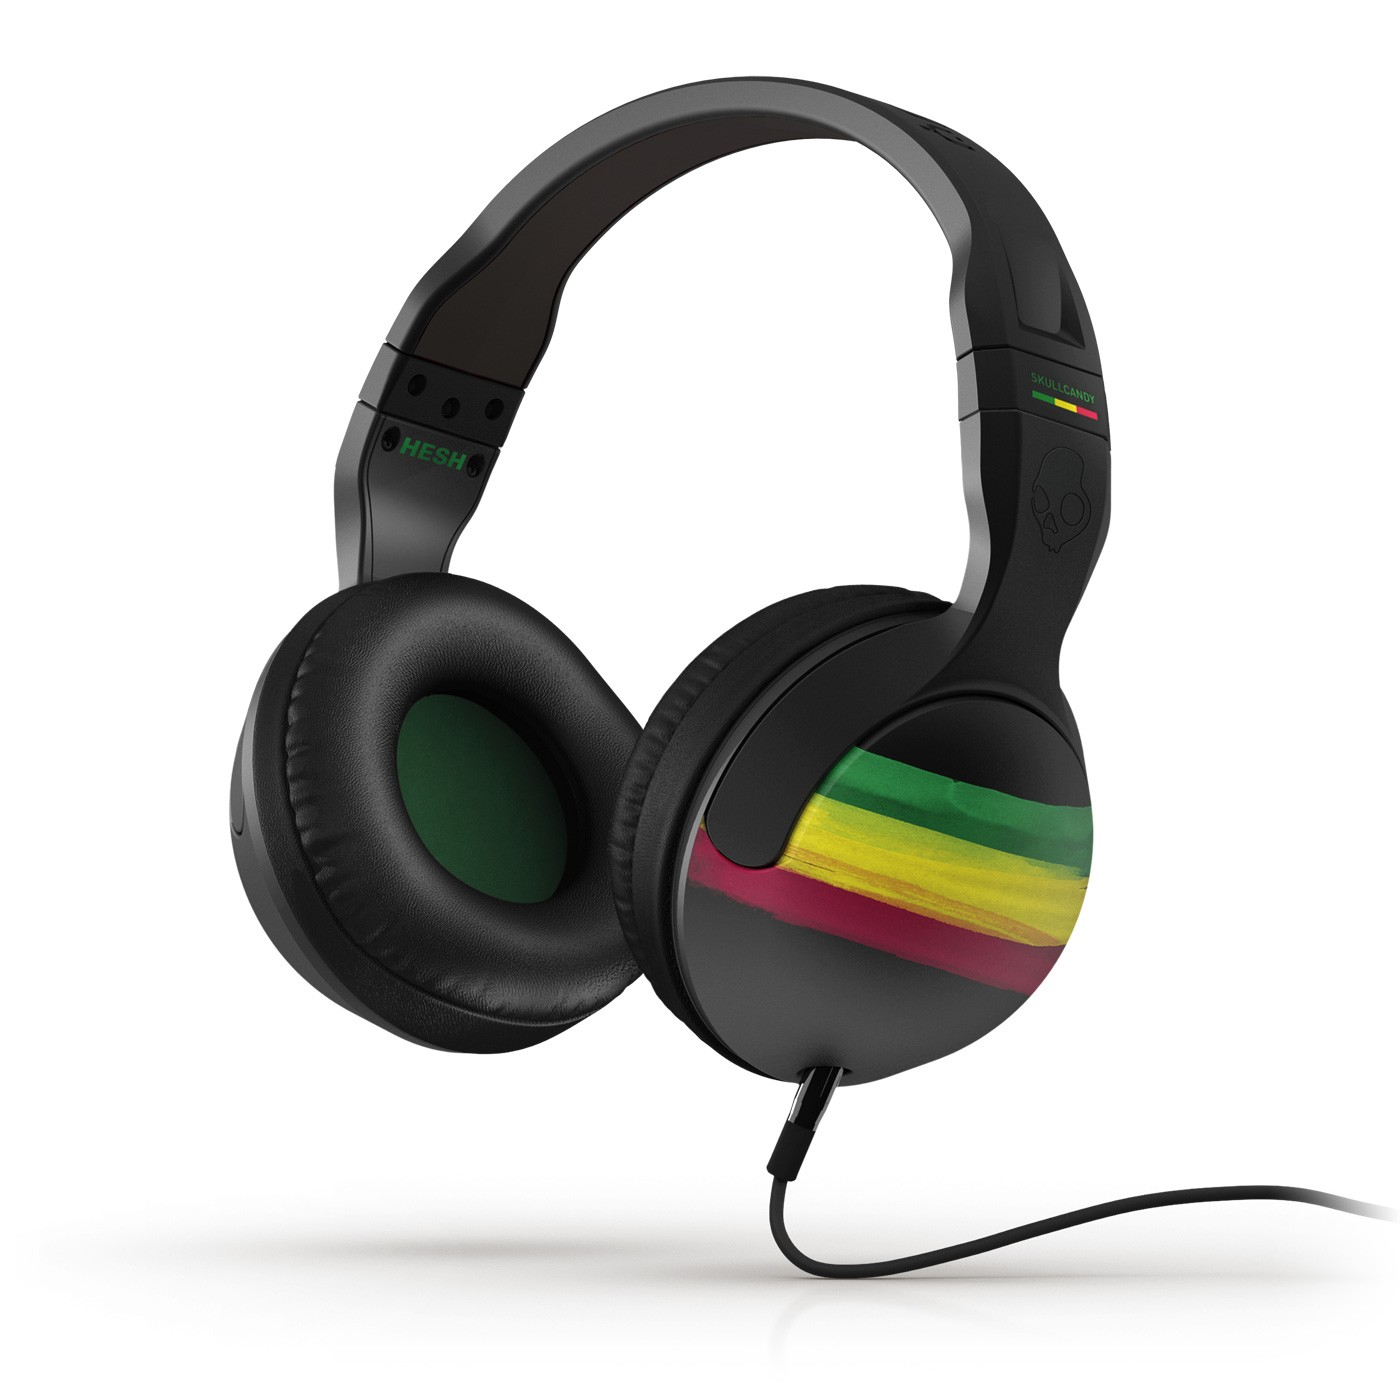 Rastafarian 2: Skullcandy Hesh 2 Rasta